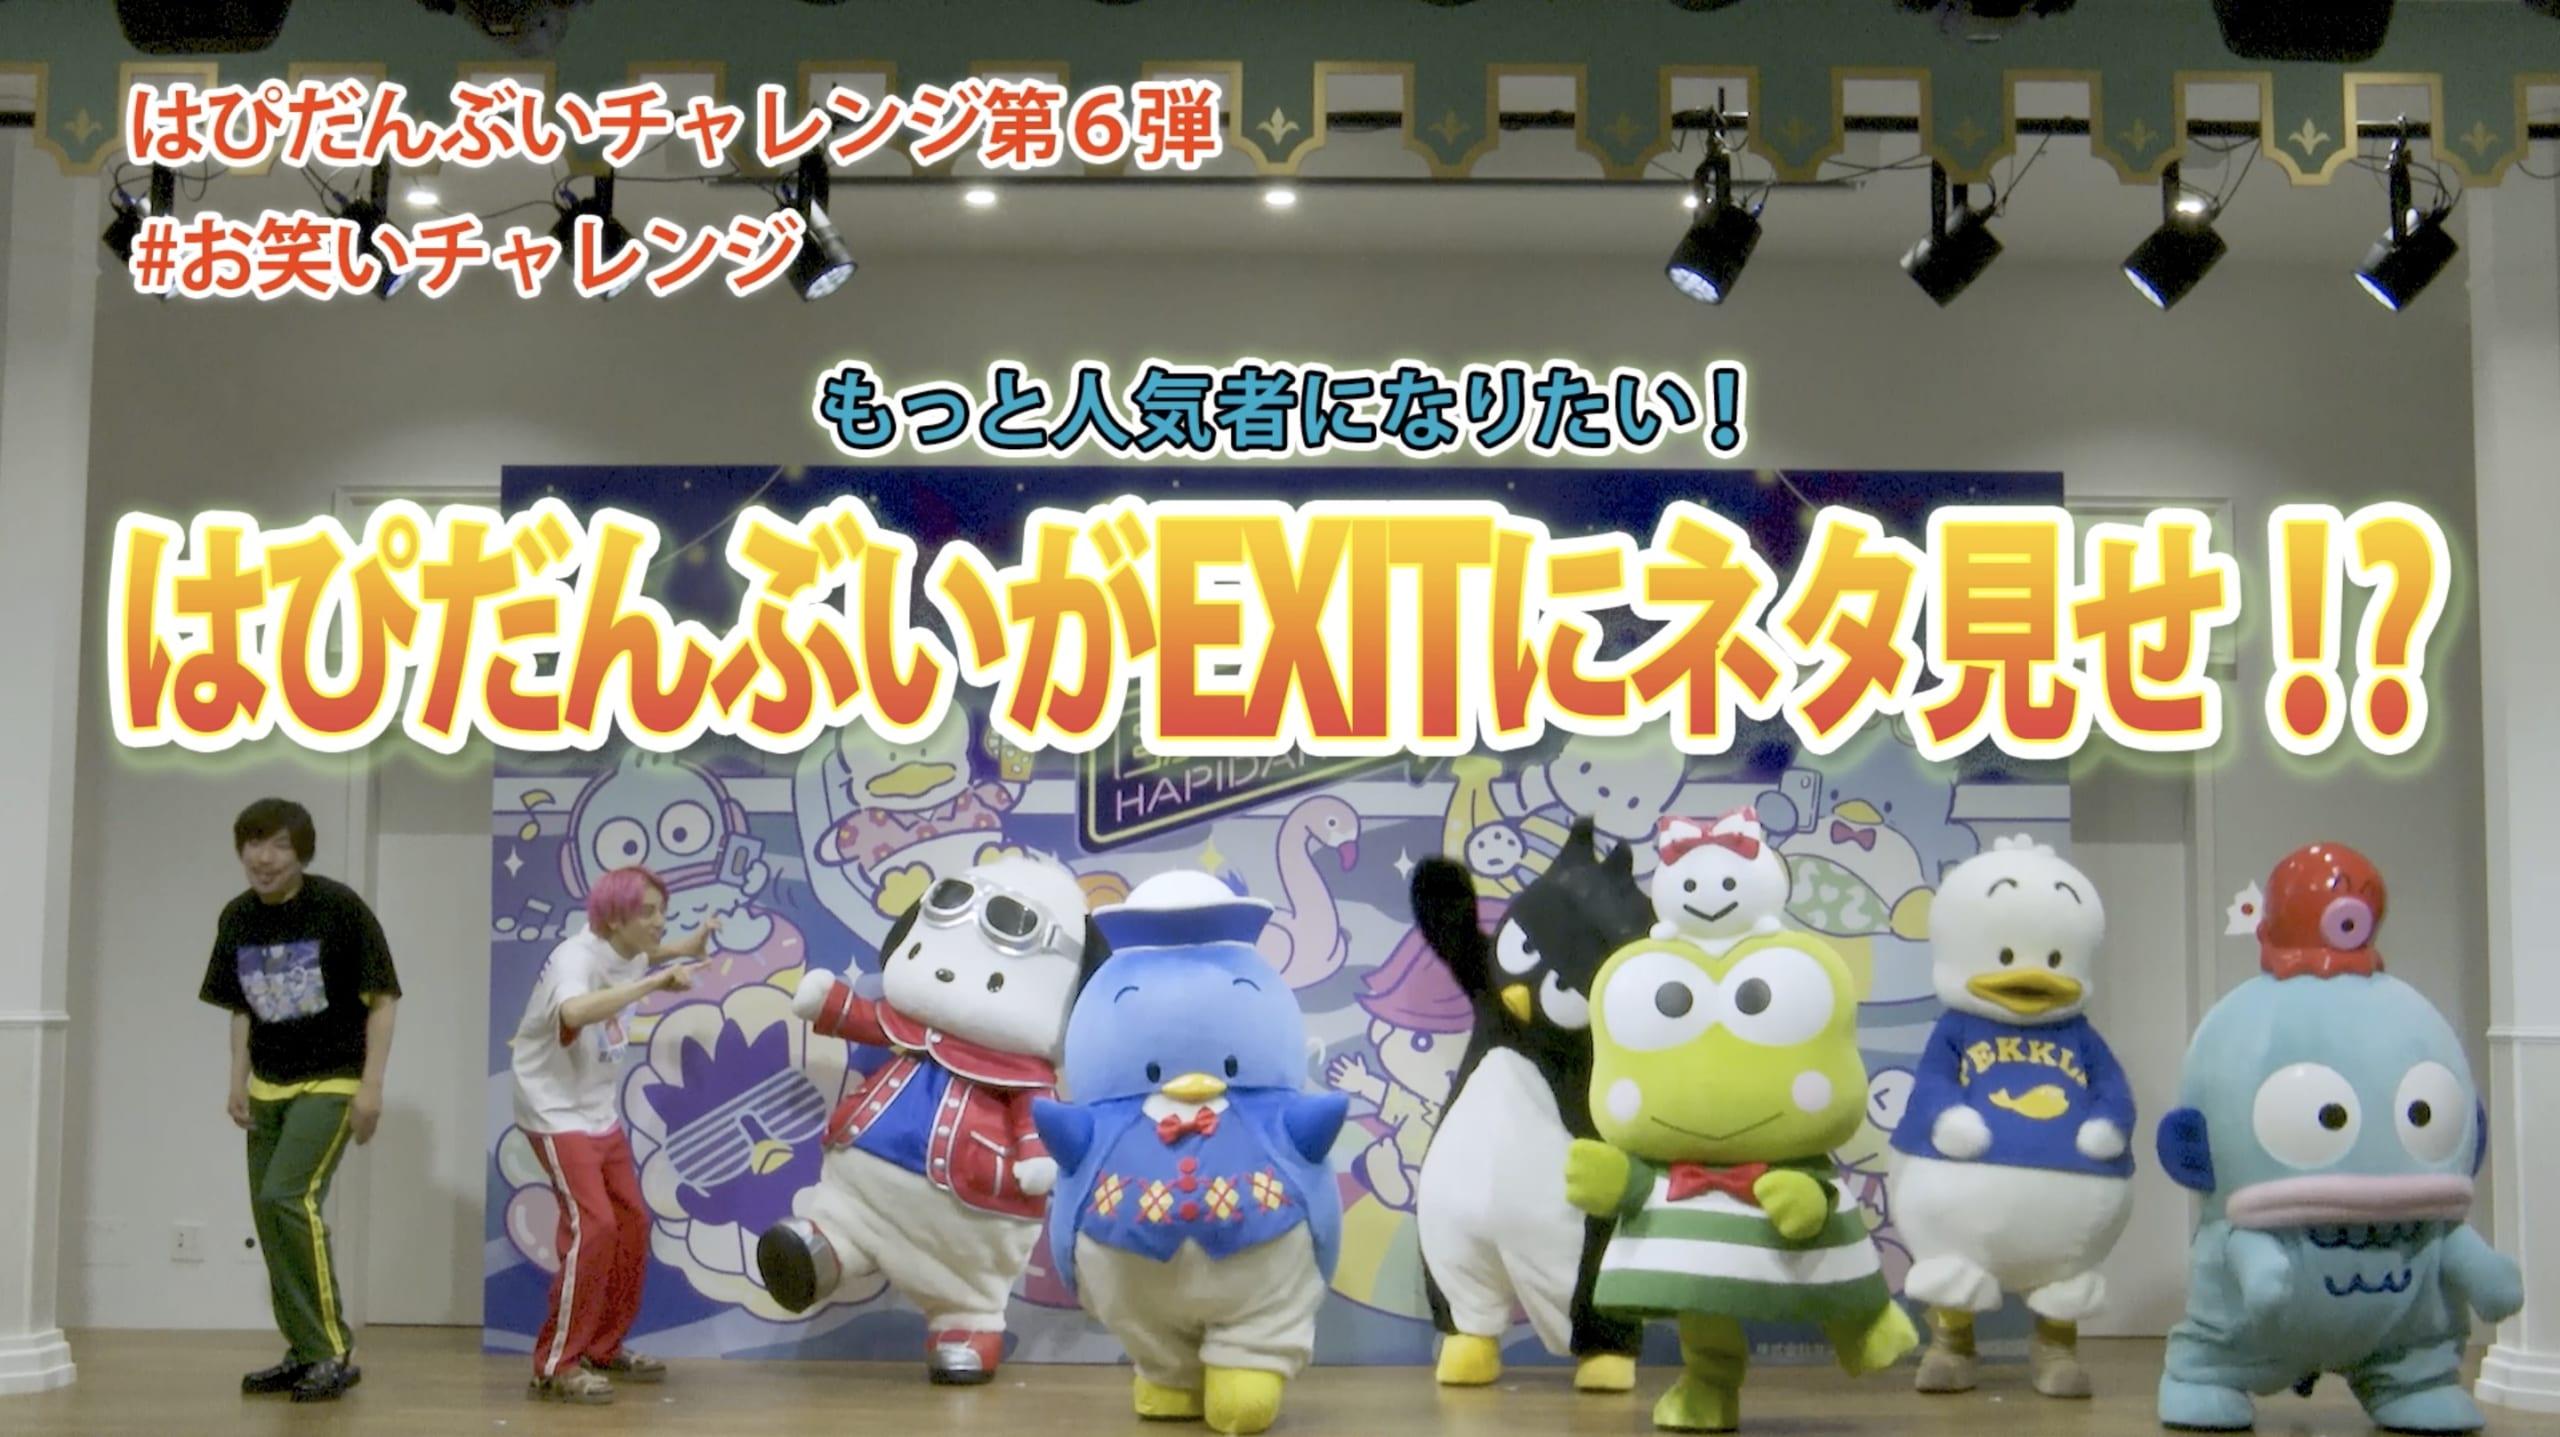 「はぴだんぶい×EXIT」漫才に初挑戦するポチャッコたち!3組のコンビが爆誕